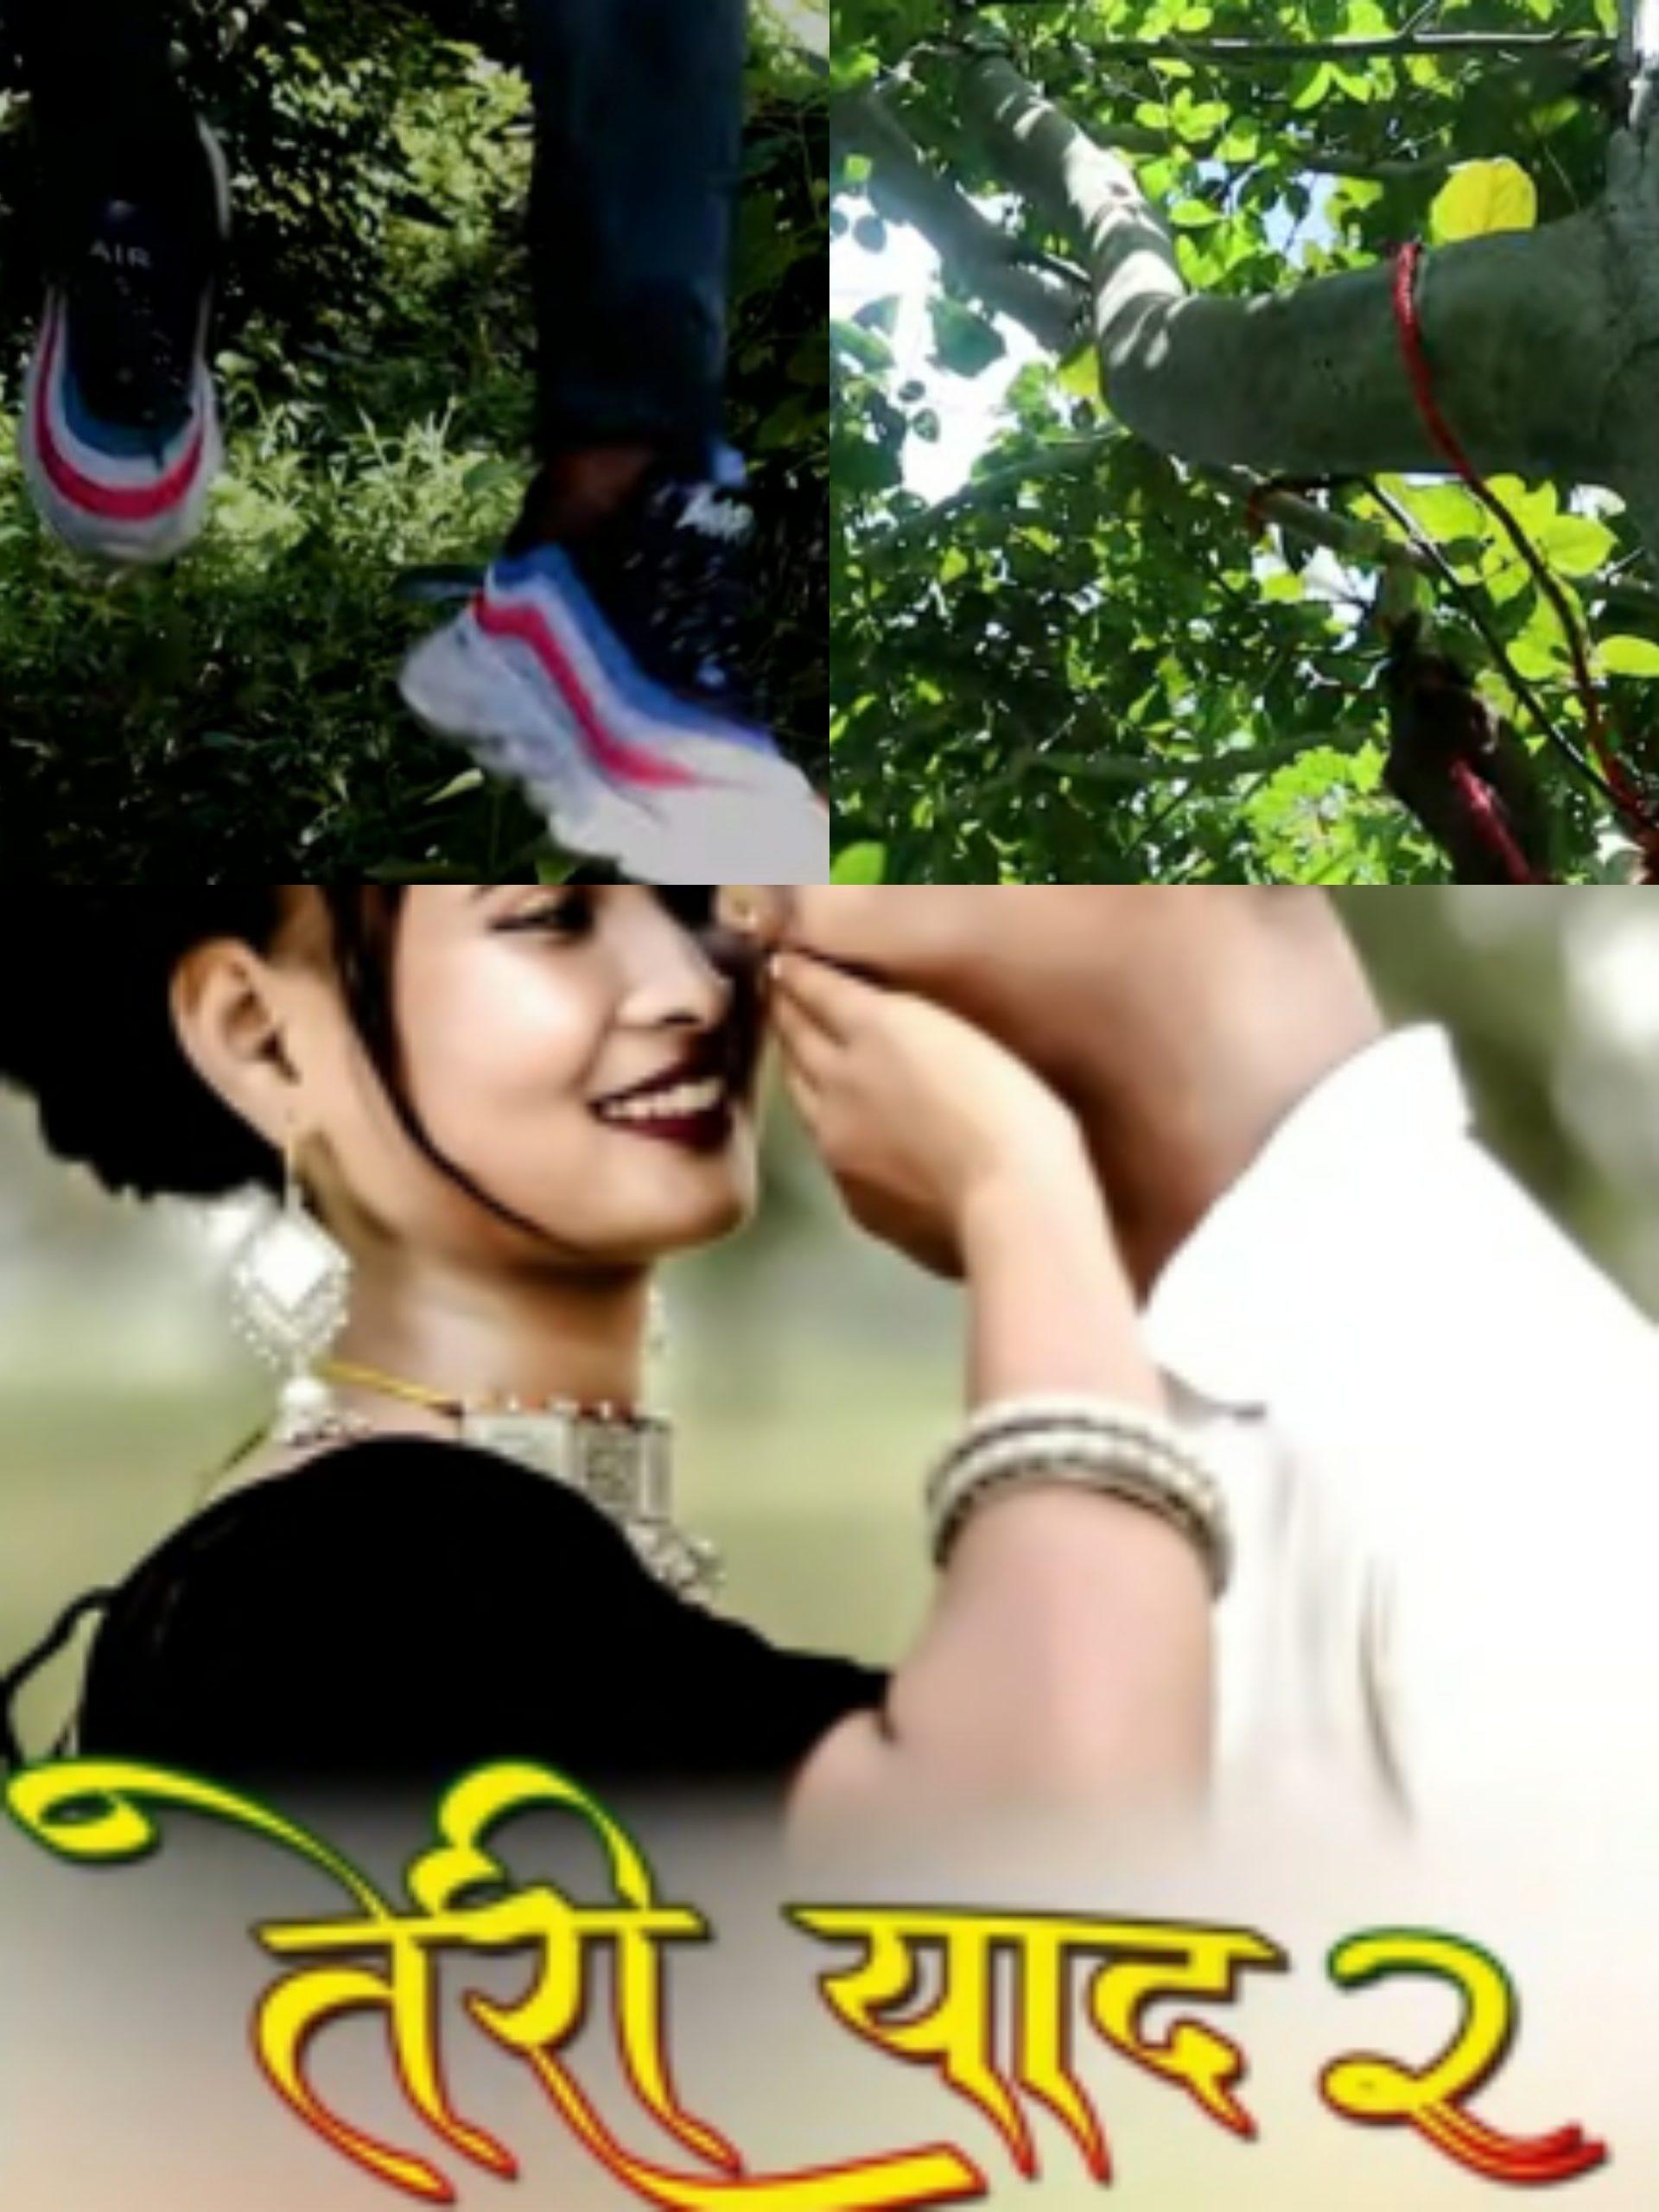 रानाथारुको तेरी याद २ म्युजिक भिडियो सार्बजनिक ( भिडियो सहित)